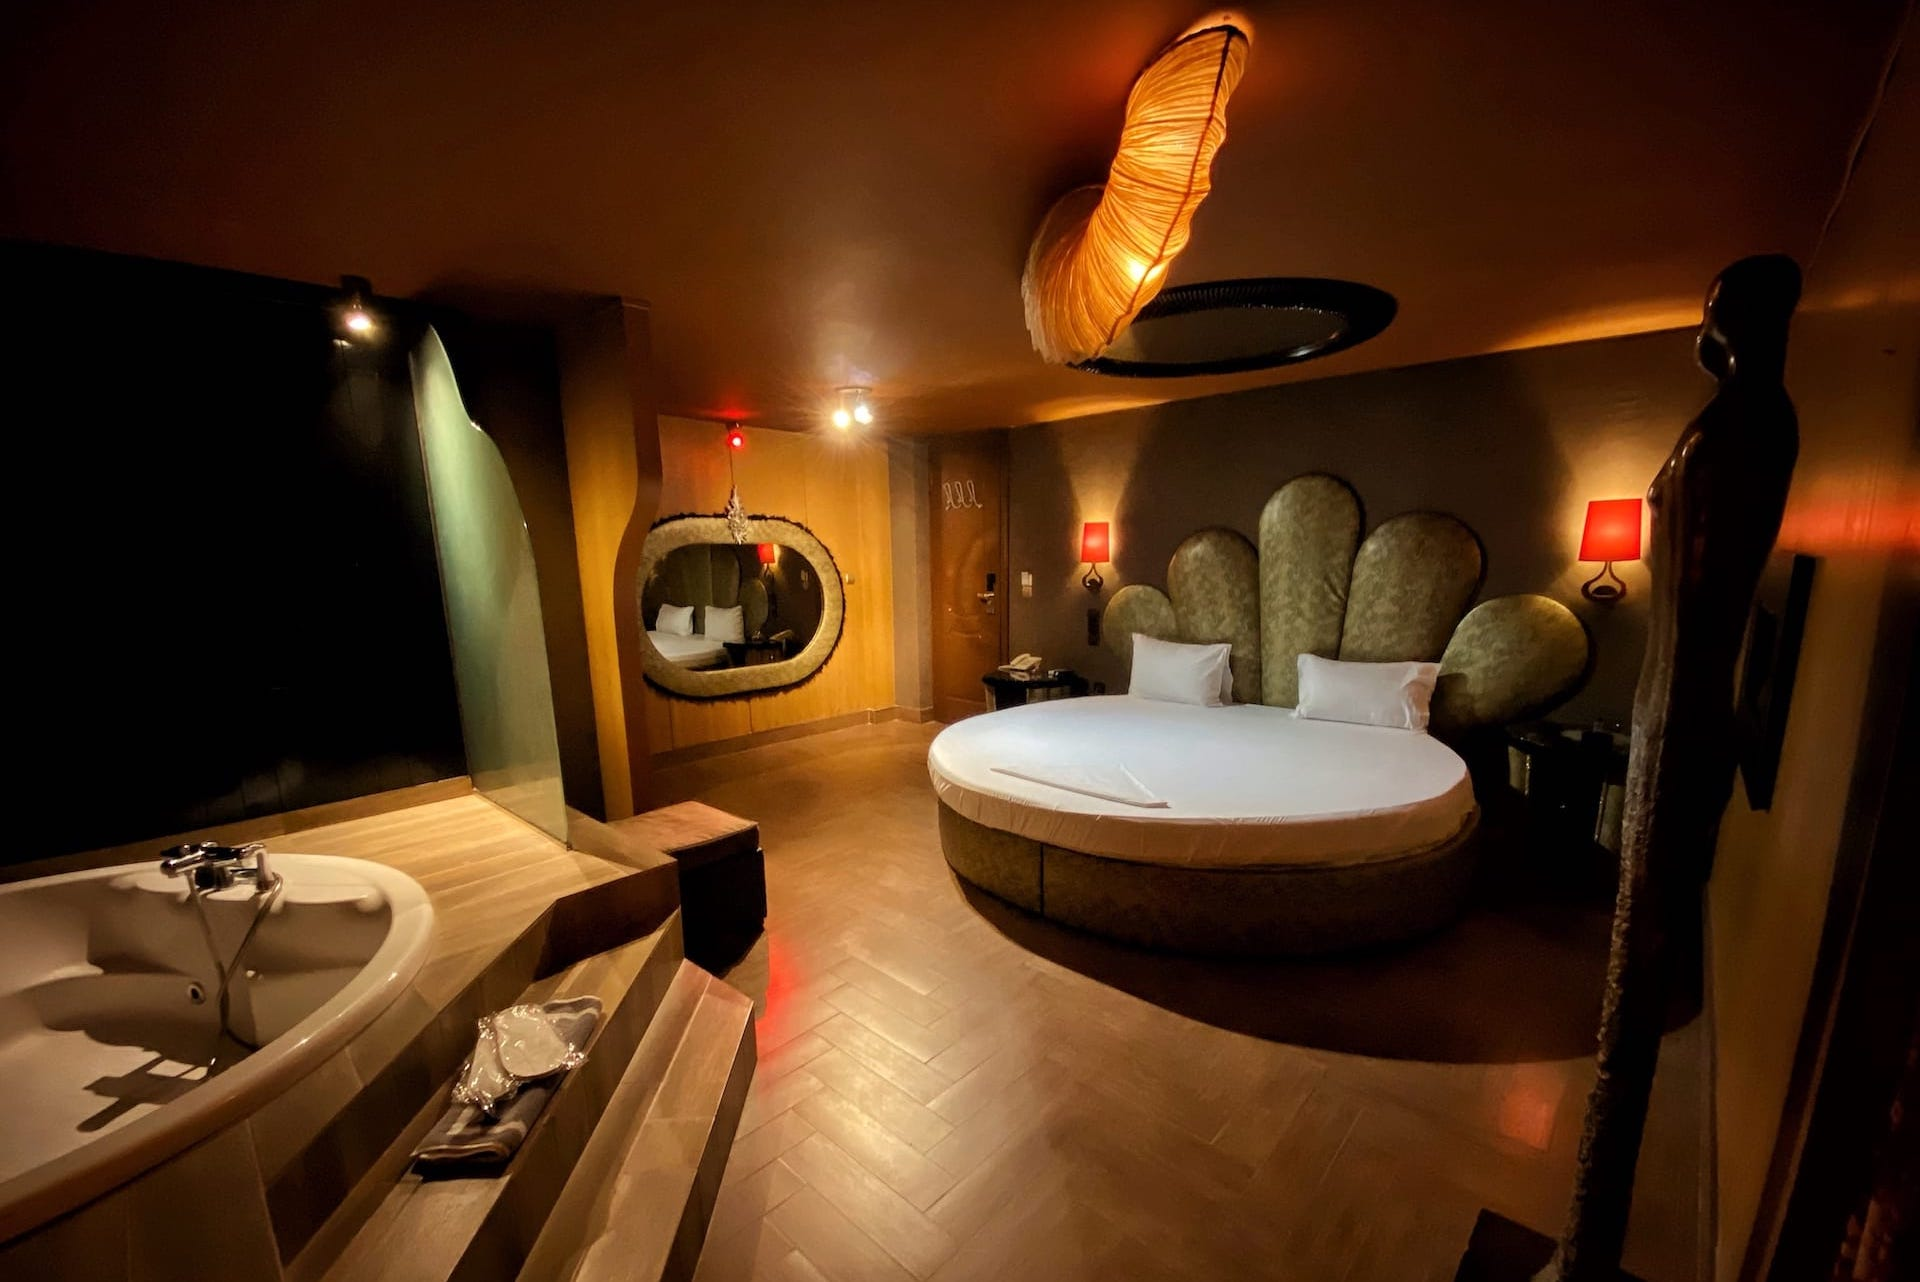 Η σουίτα 24 στα Ruby Rooms στην Κηφισιά και τα Βόρεια Προάστια. €50 ημιδιαμονή με μπεζ αποχρώσεις.